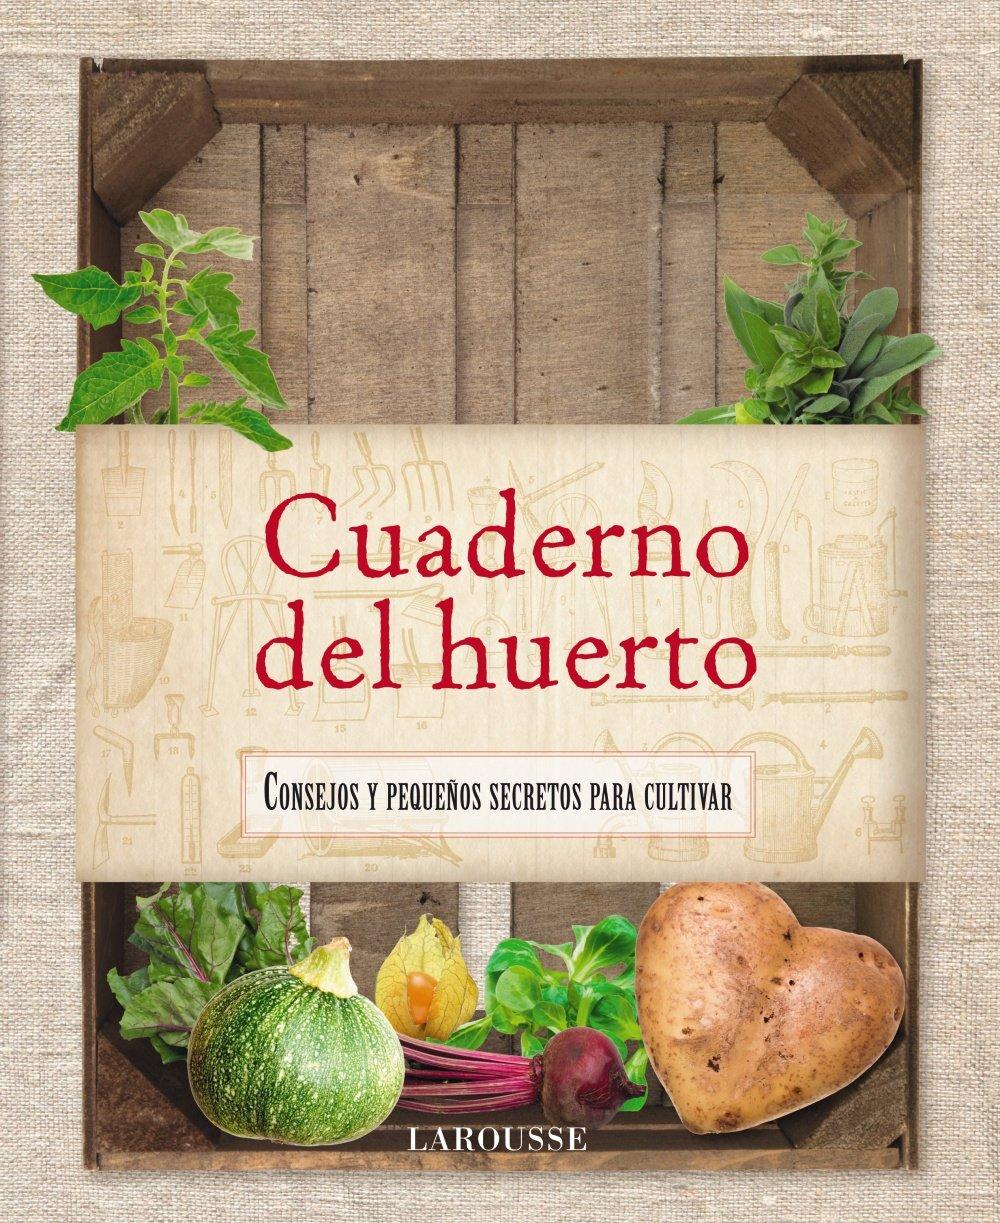 Cuaderno del huerto Larousse - Libros Ilustrados/ Prácticos - Ocio ...